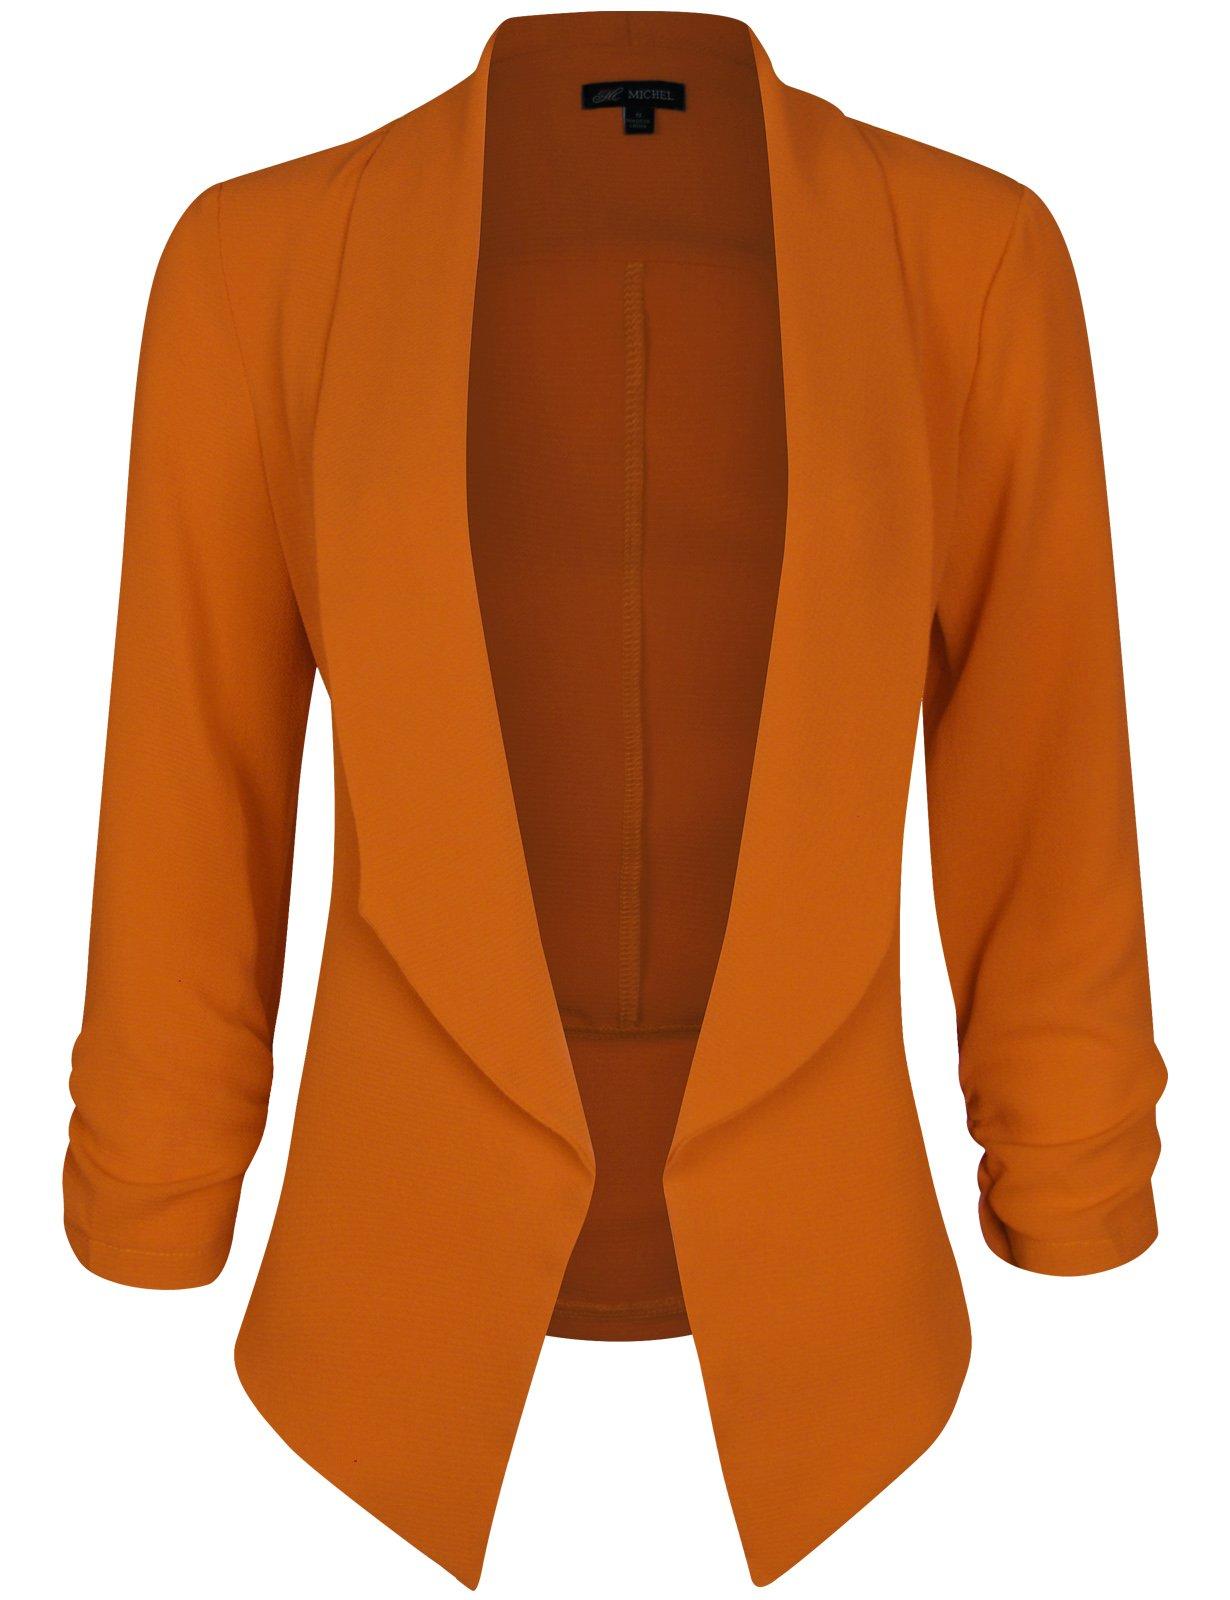 Michel Women's 3/4 Sleeve Blazer Casual Open Front Cardian Jacket Work Office Blazer Camel Small